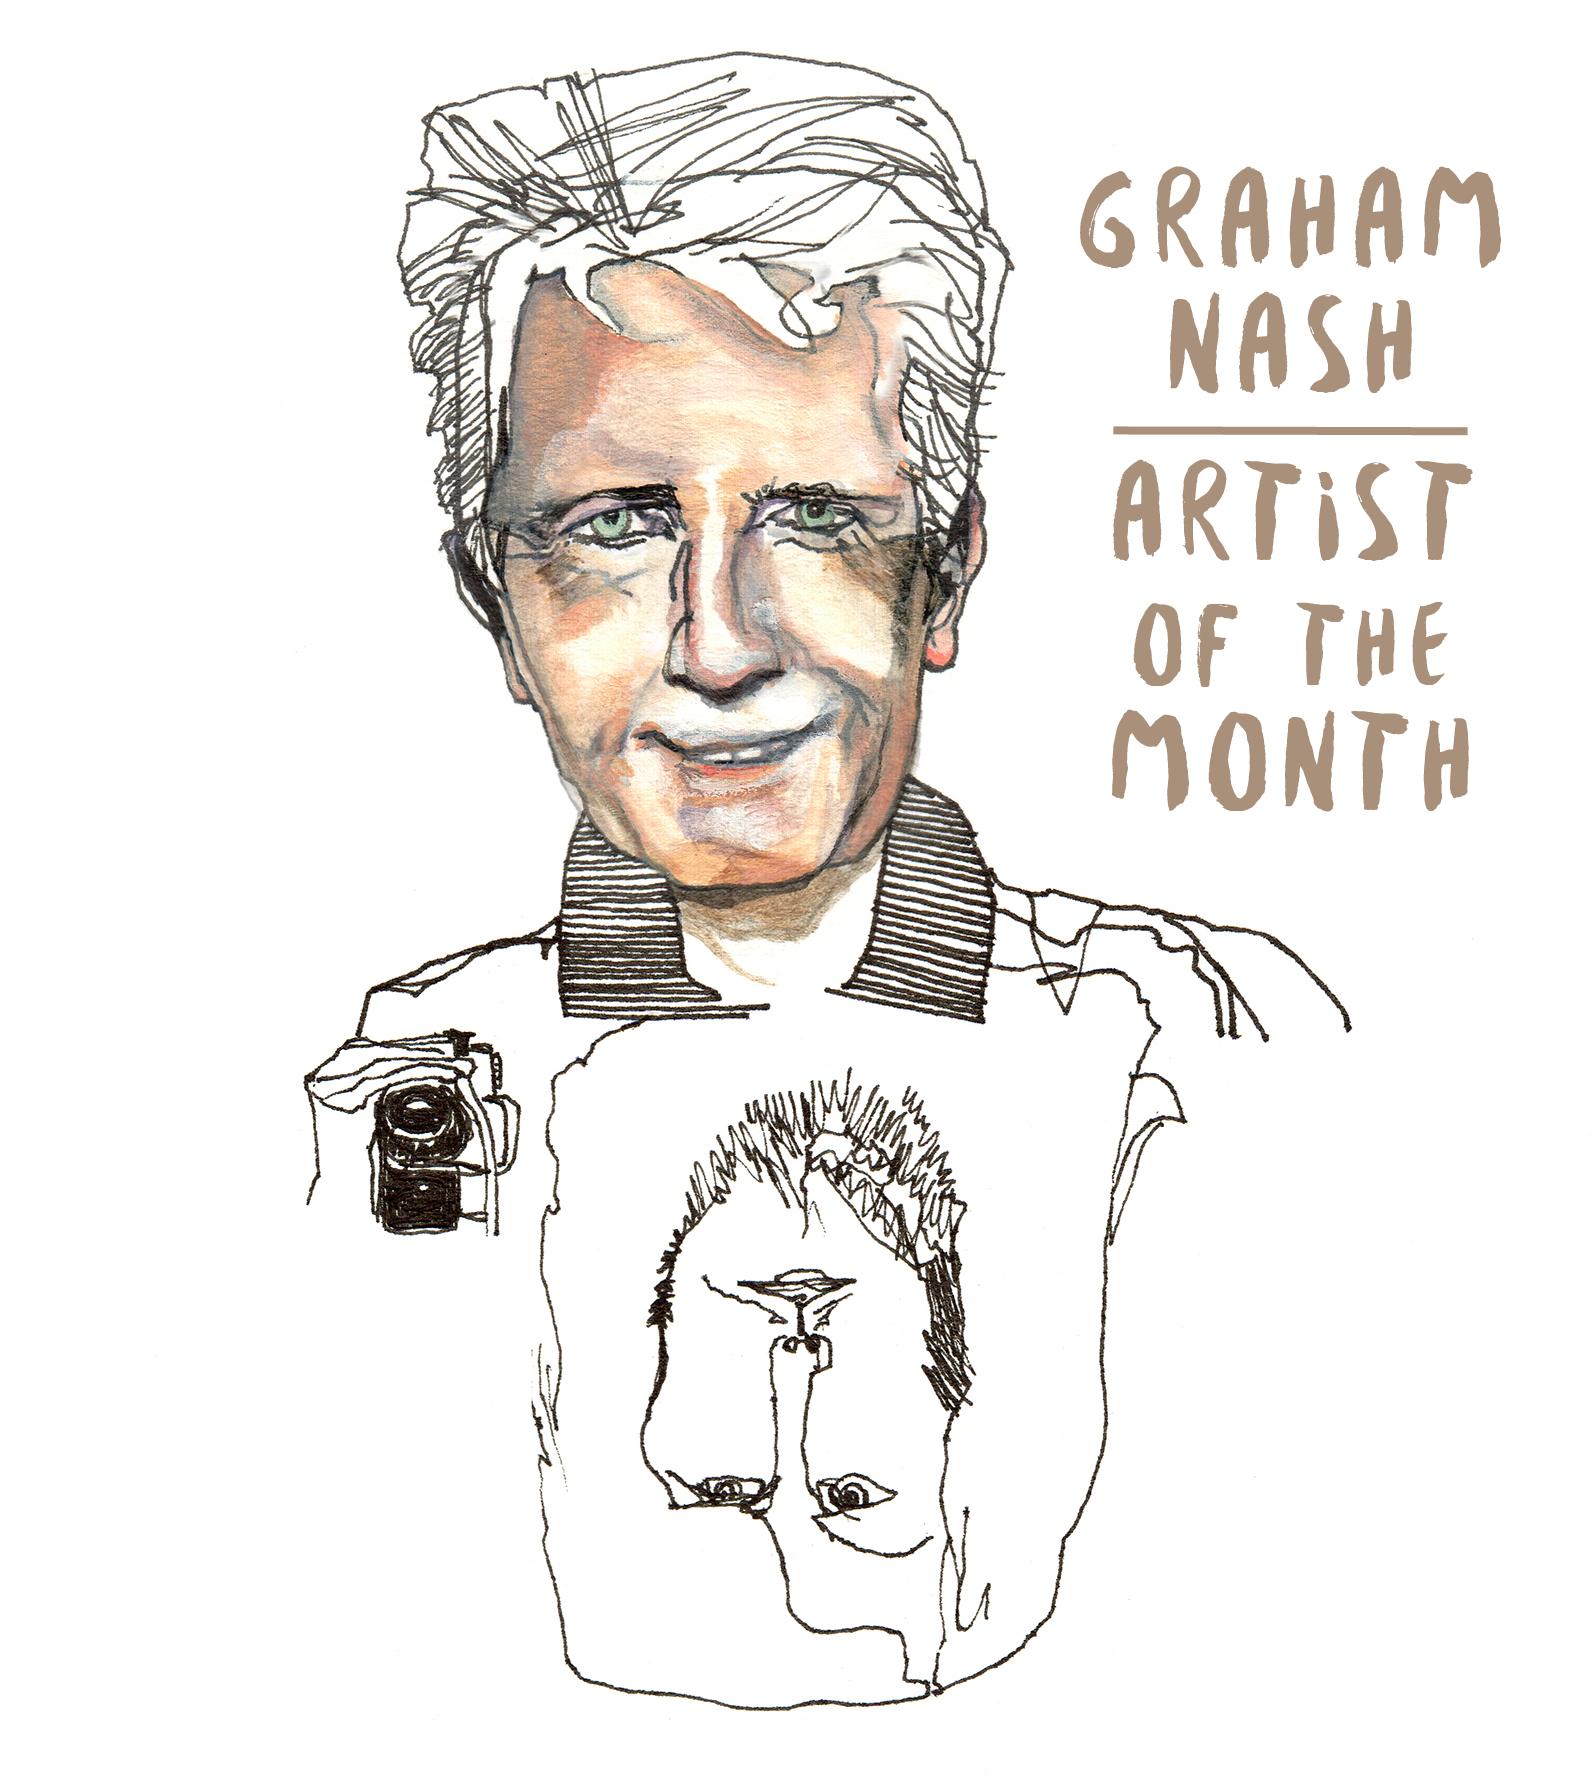 Graham Nash: Pursuing the Hopeful Path